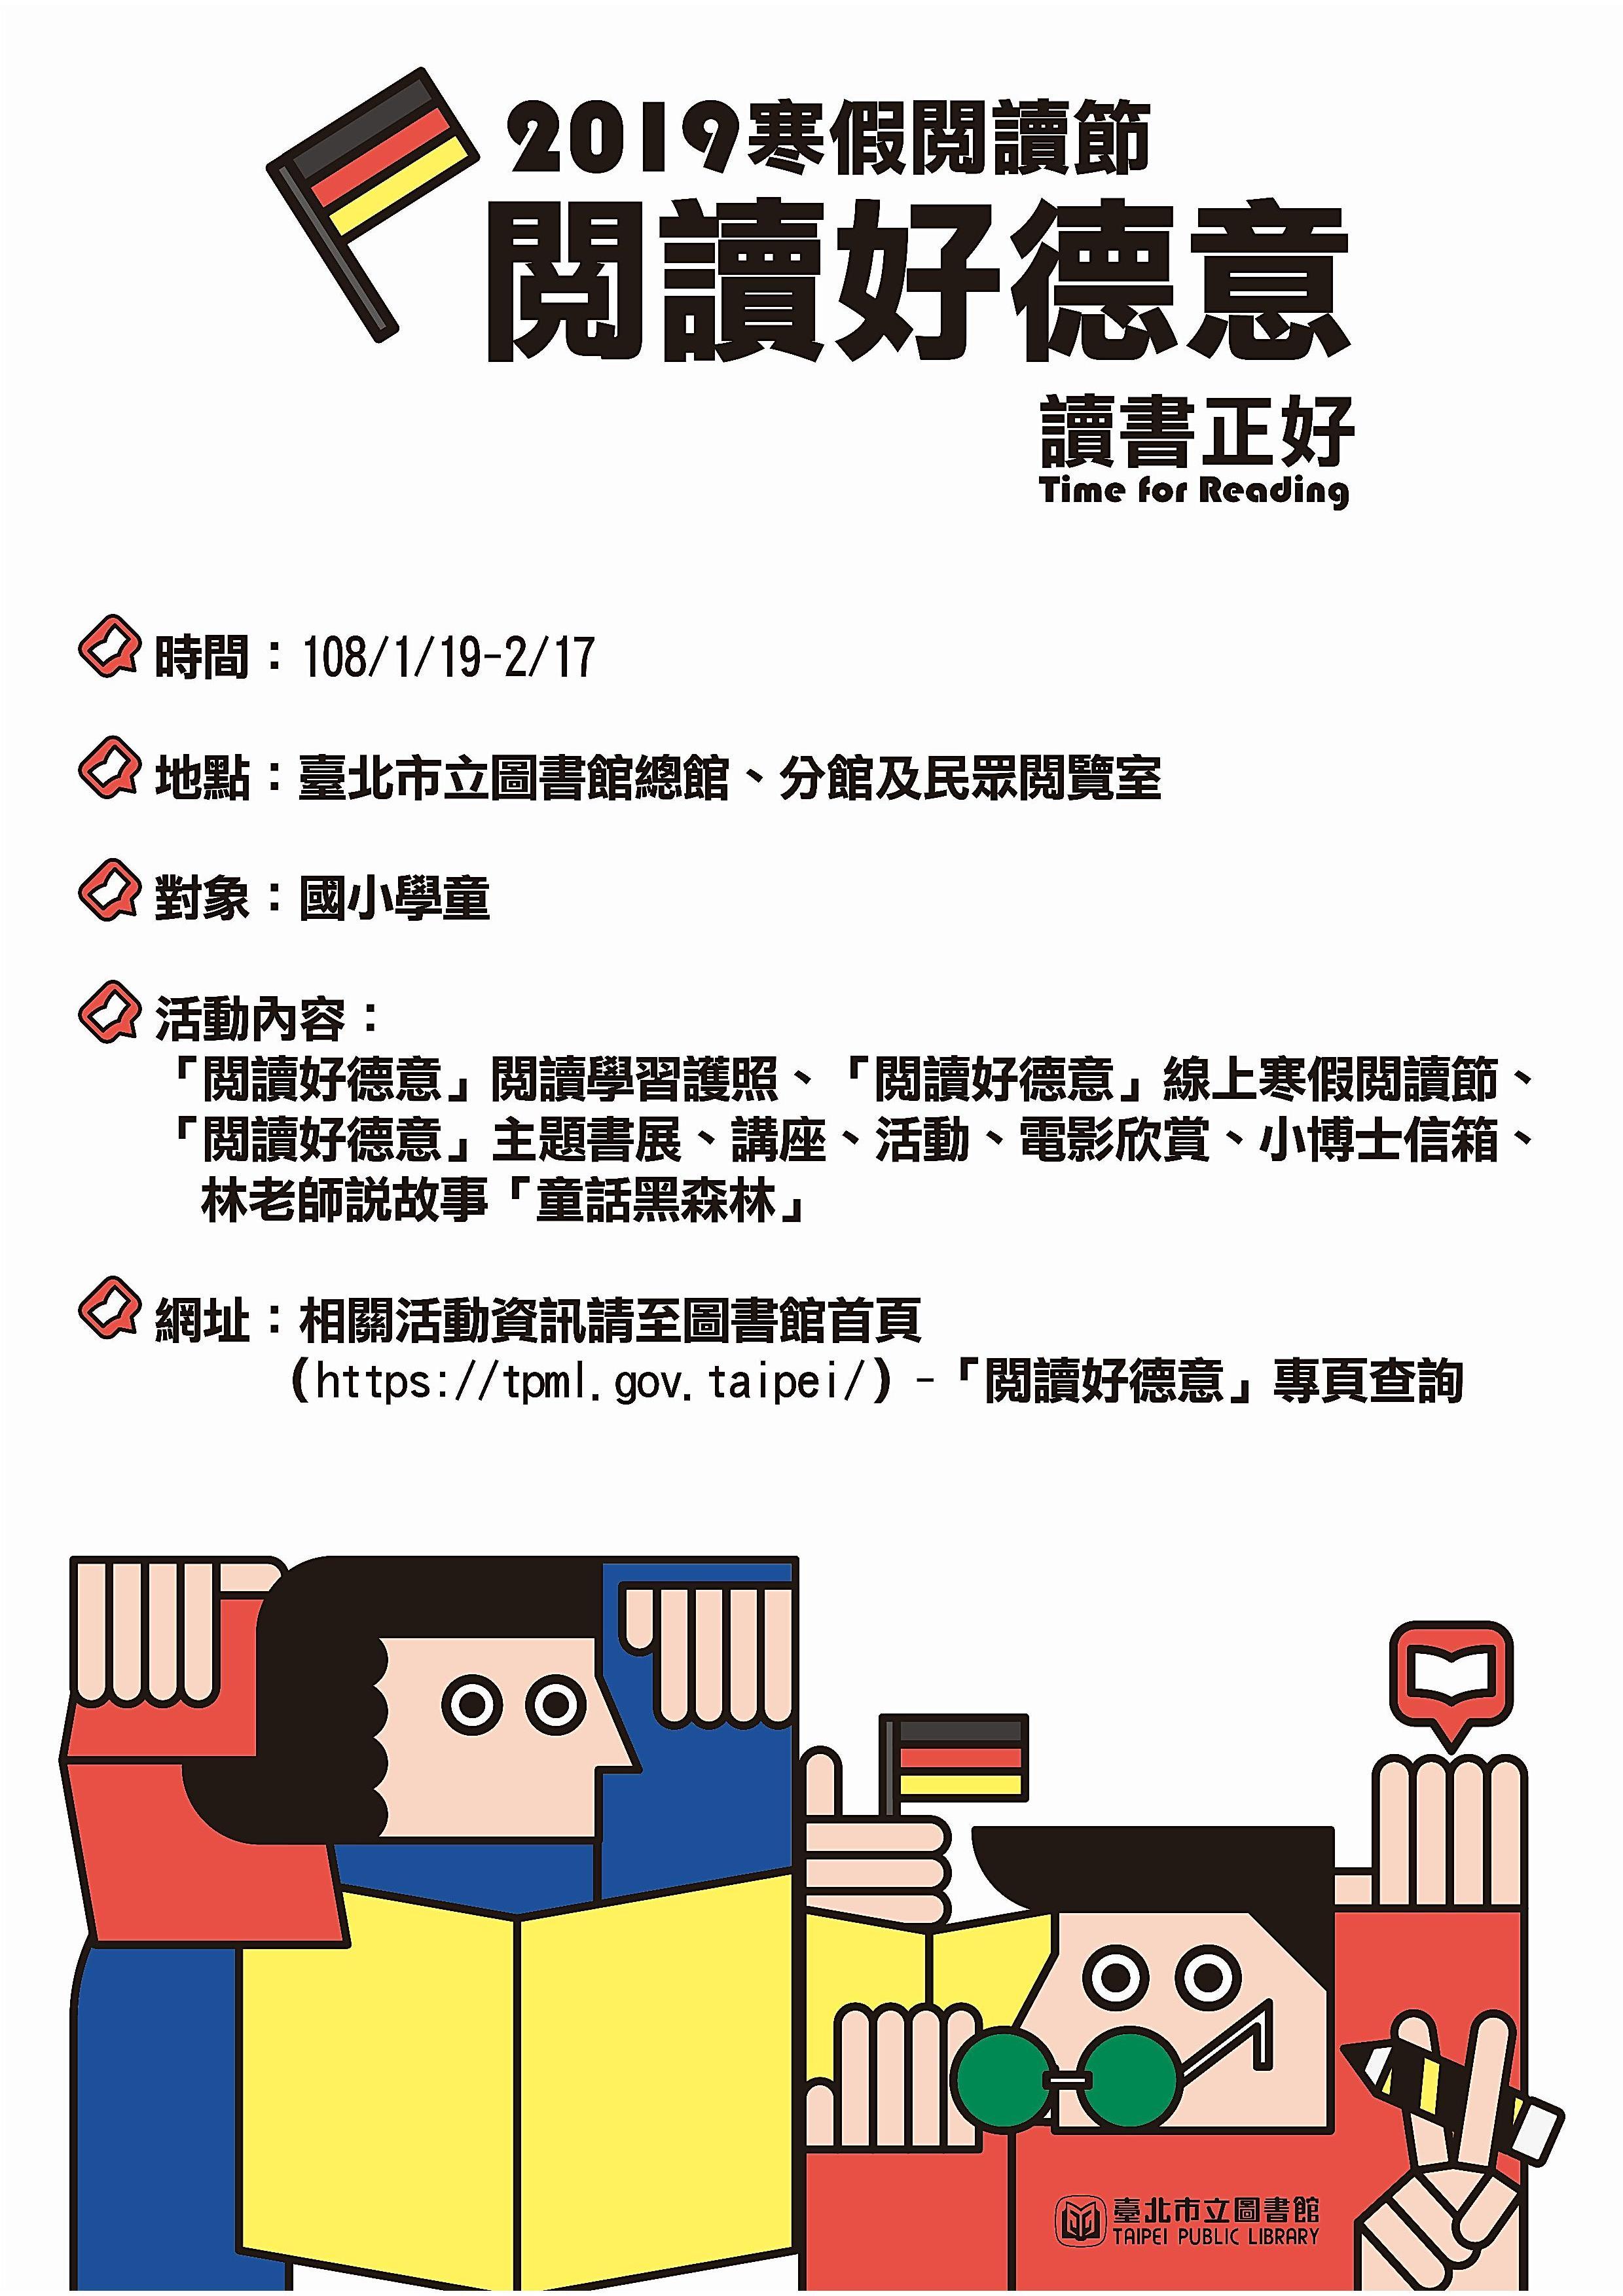 2019年寒假閱讀節